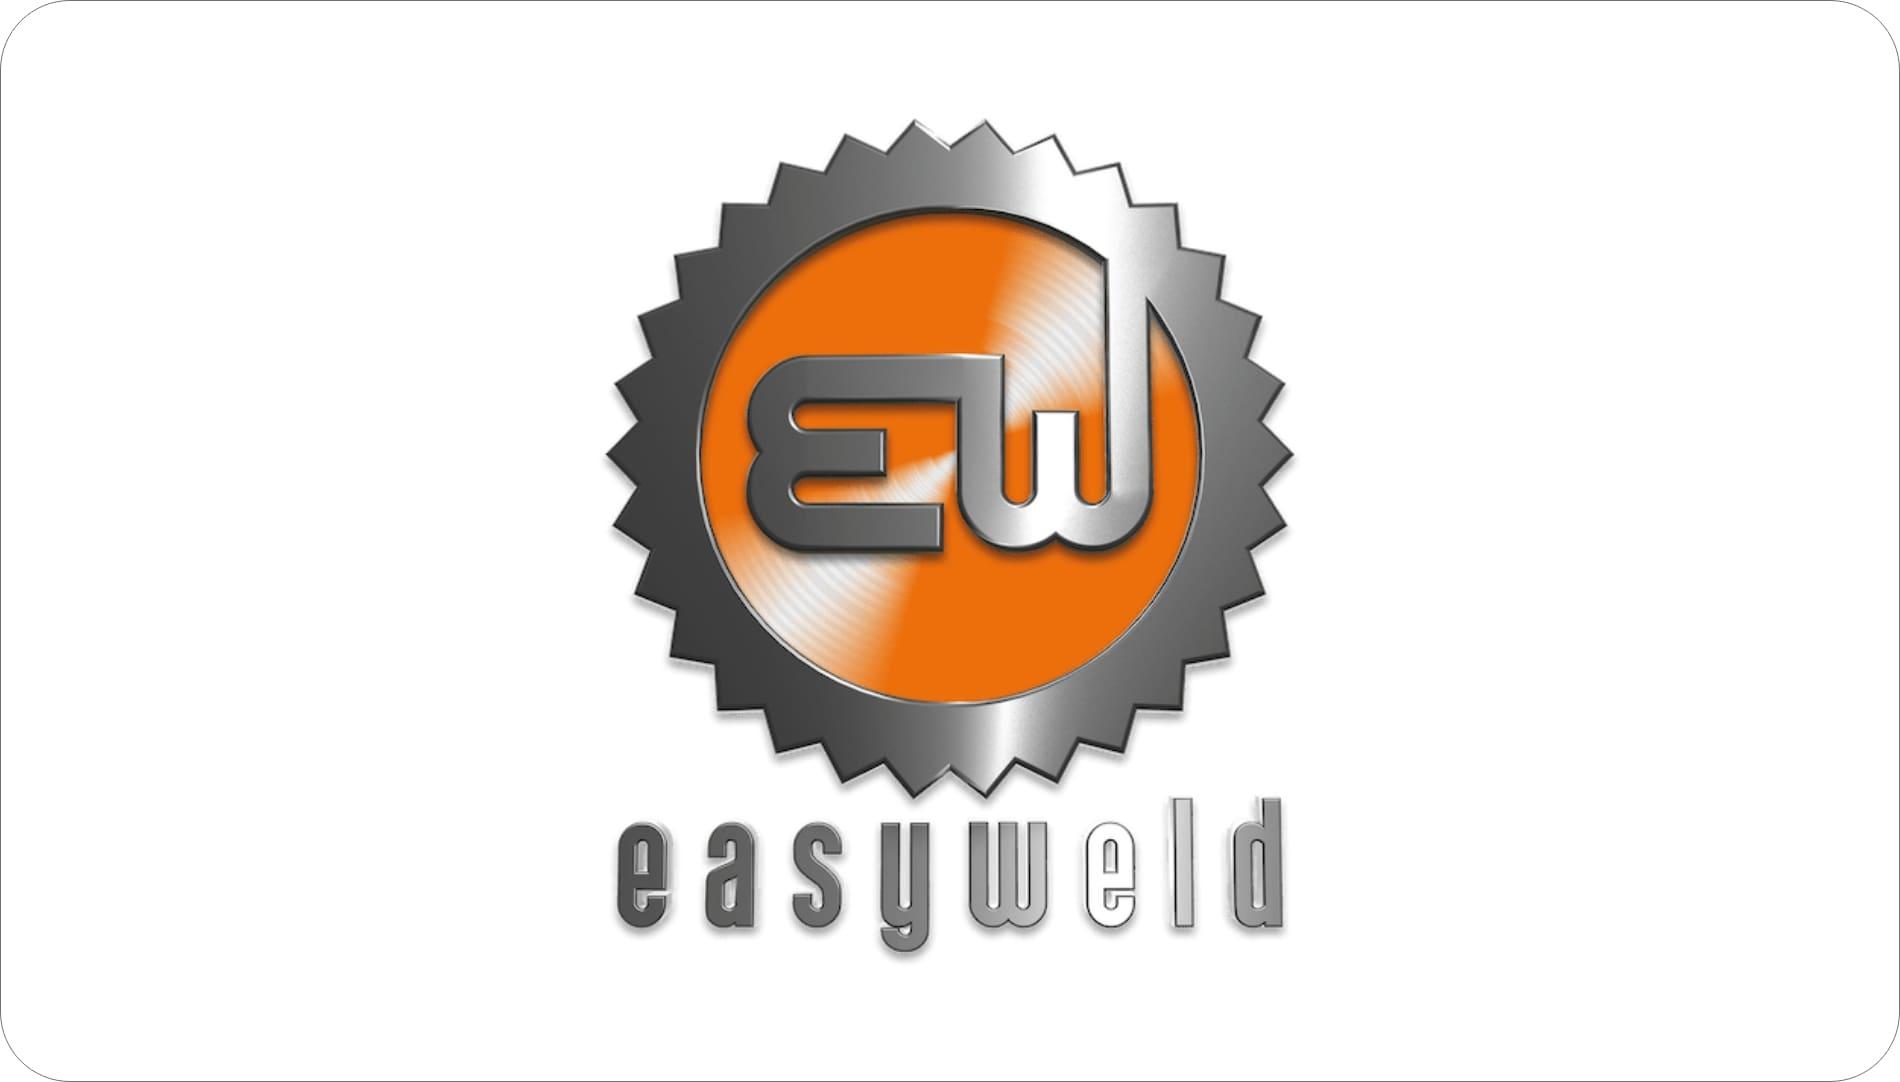 partenaire-easyweld